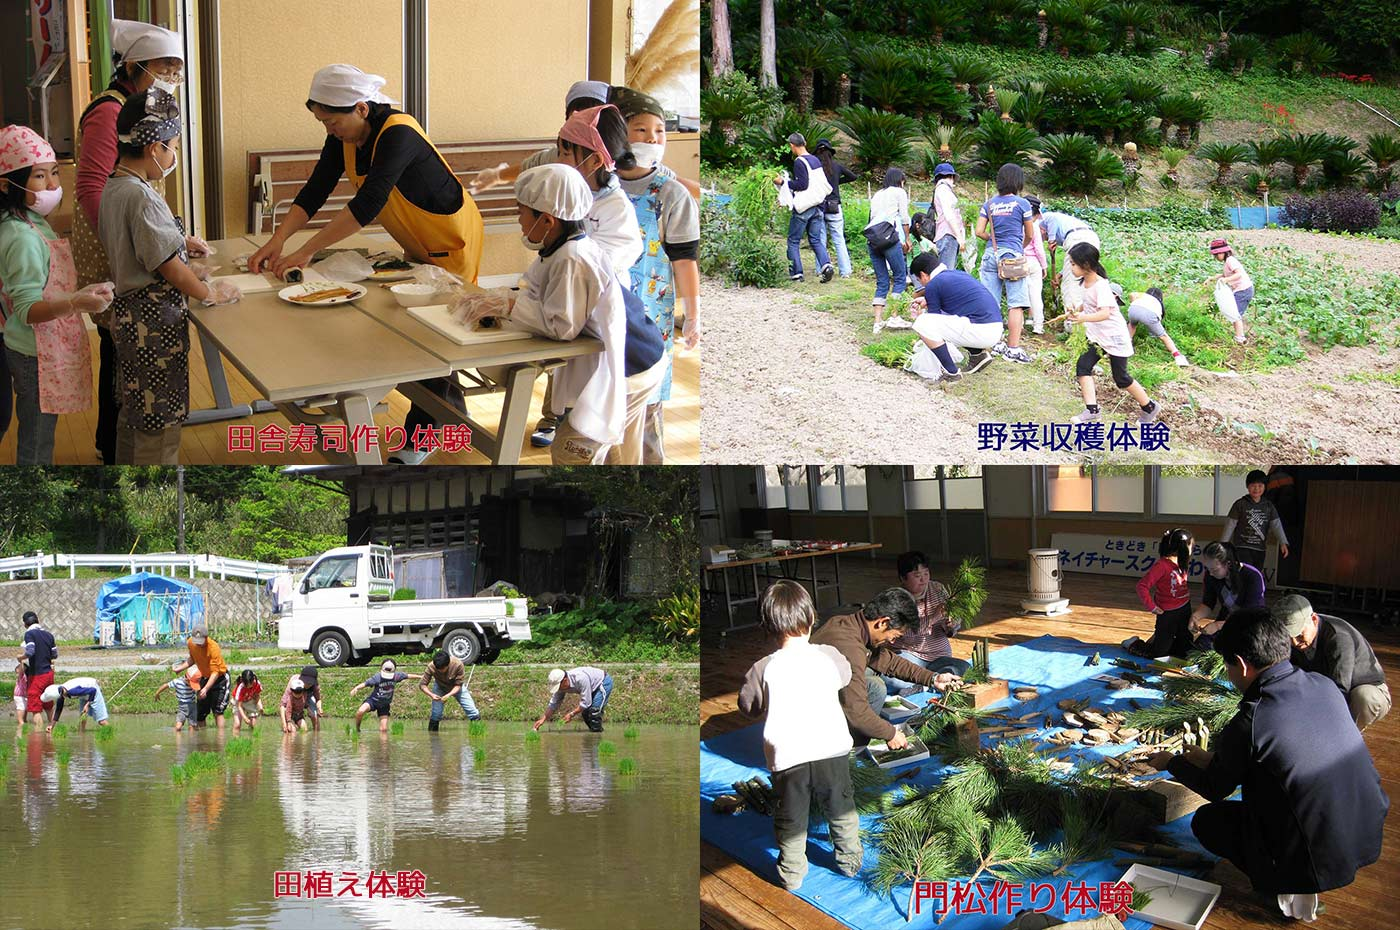 自然の宿くすの木 寿司作り体験/収穫体験/田植え体験/竹細工体験